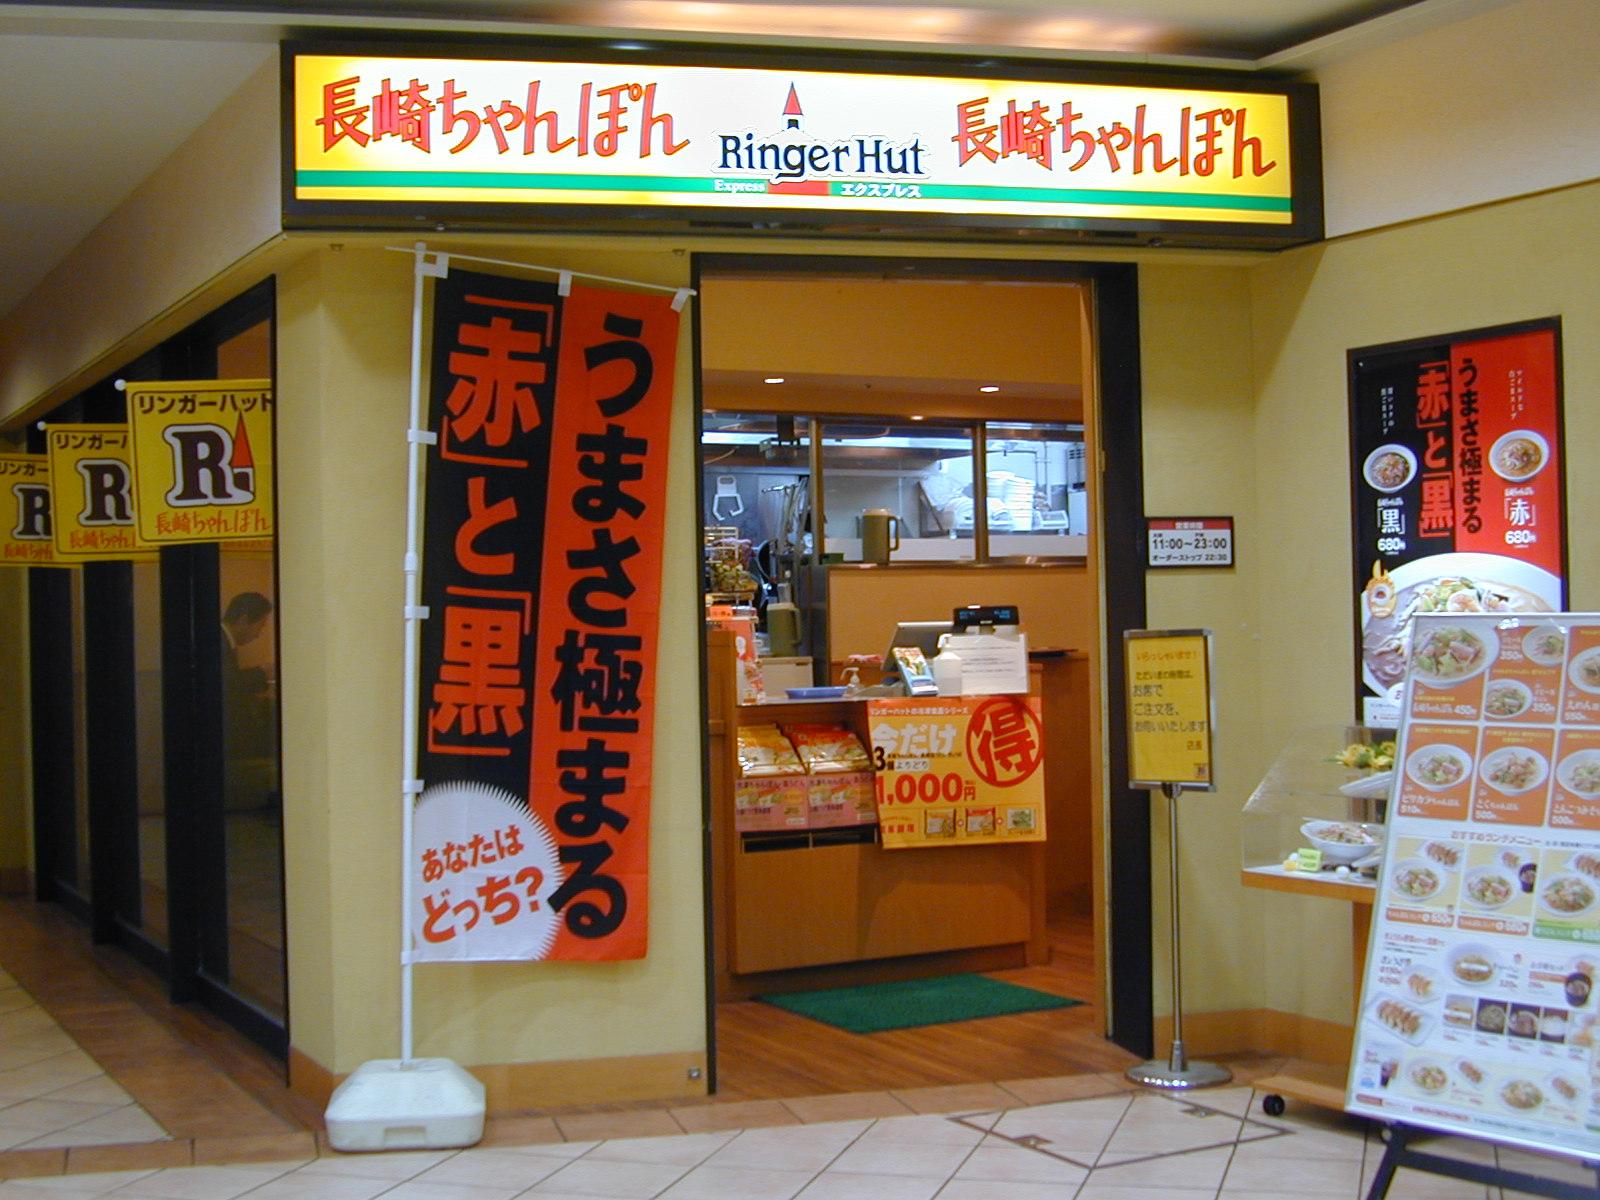 リンガーハット 品川シーサイドフォレスト店